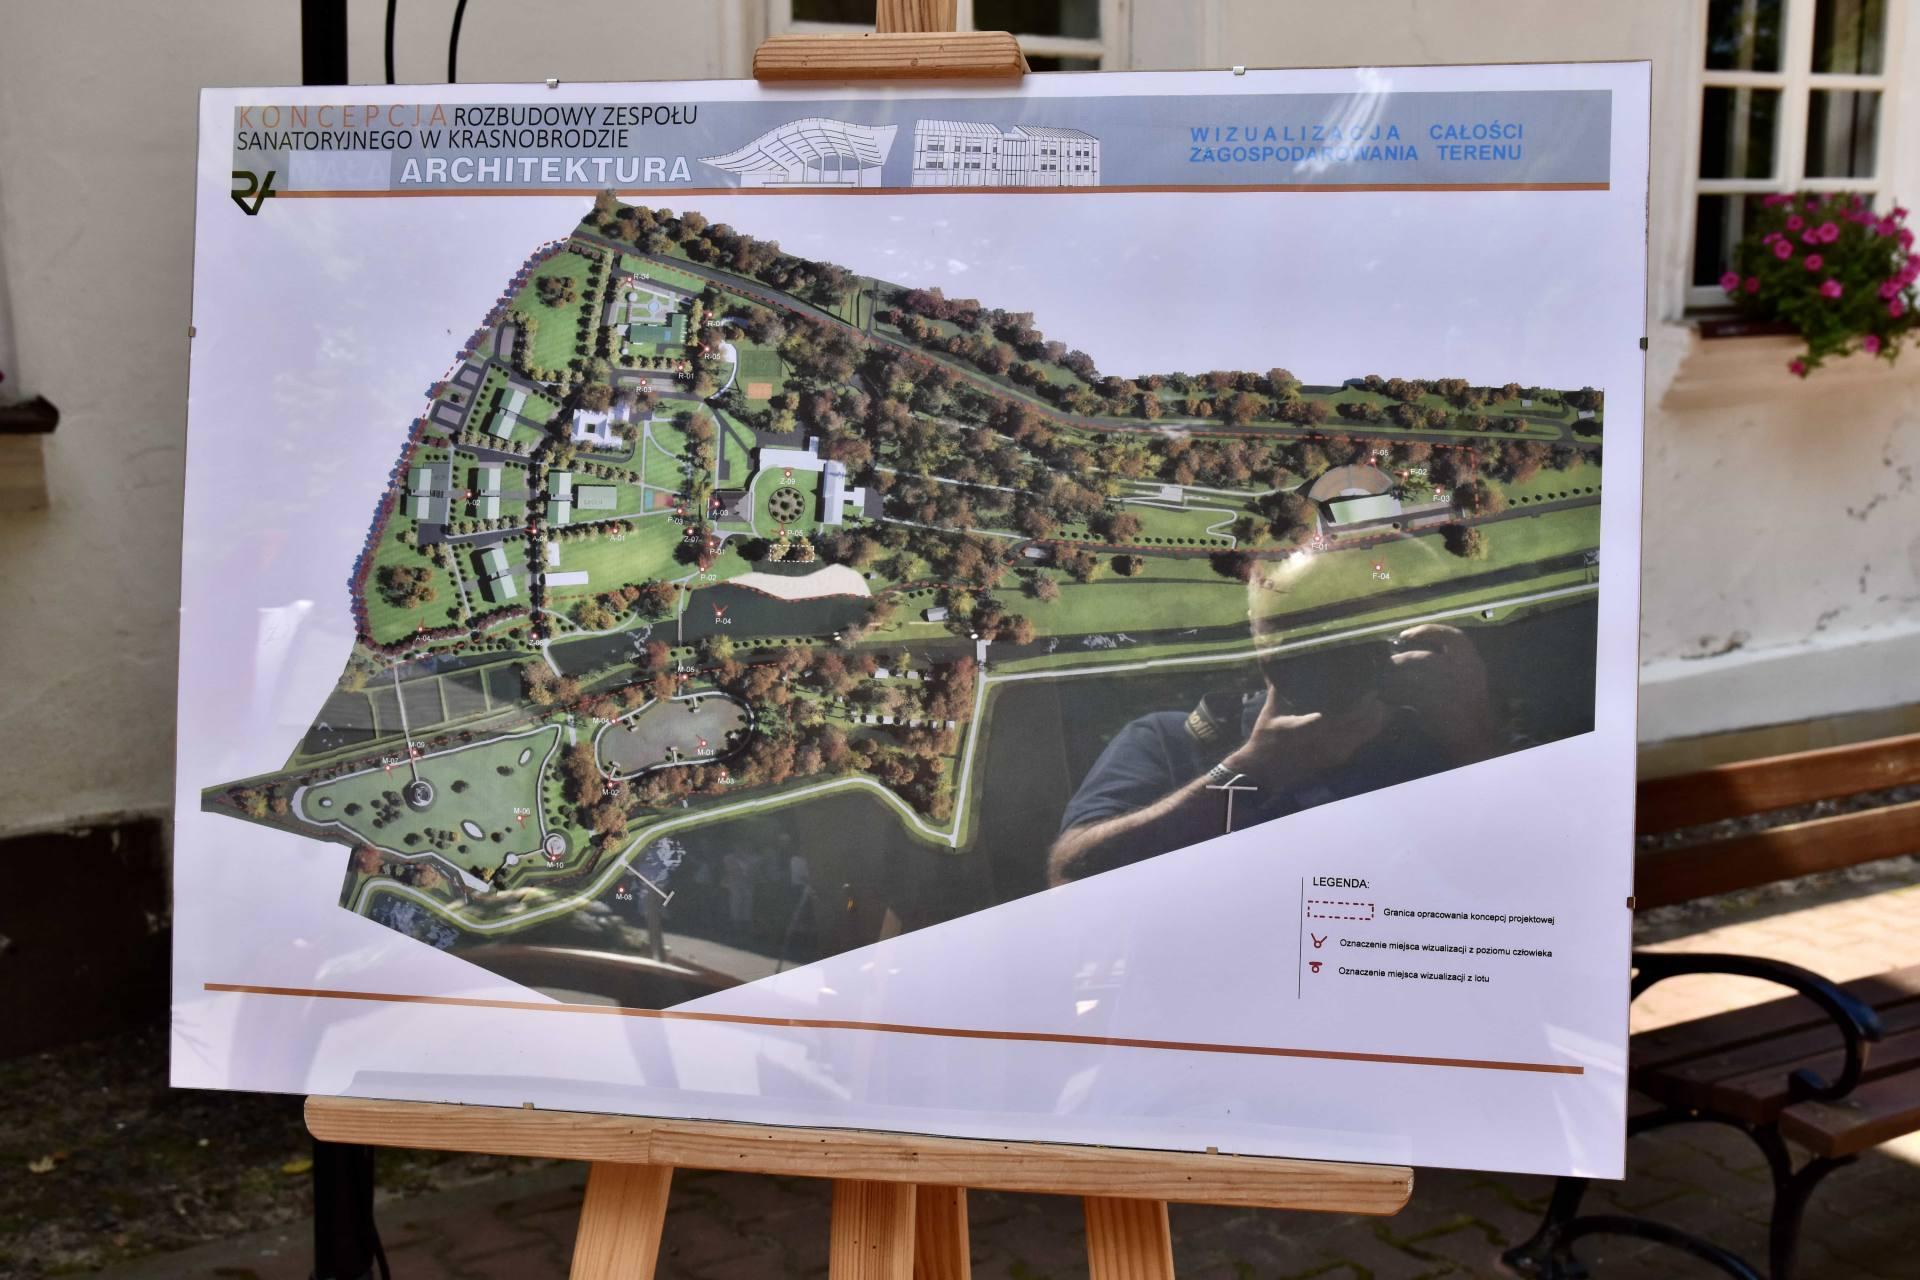 dsc 7390 Za 80 mln zł rozbudowane zostanie sanatorium w Krasnobrodzie.